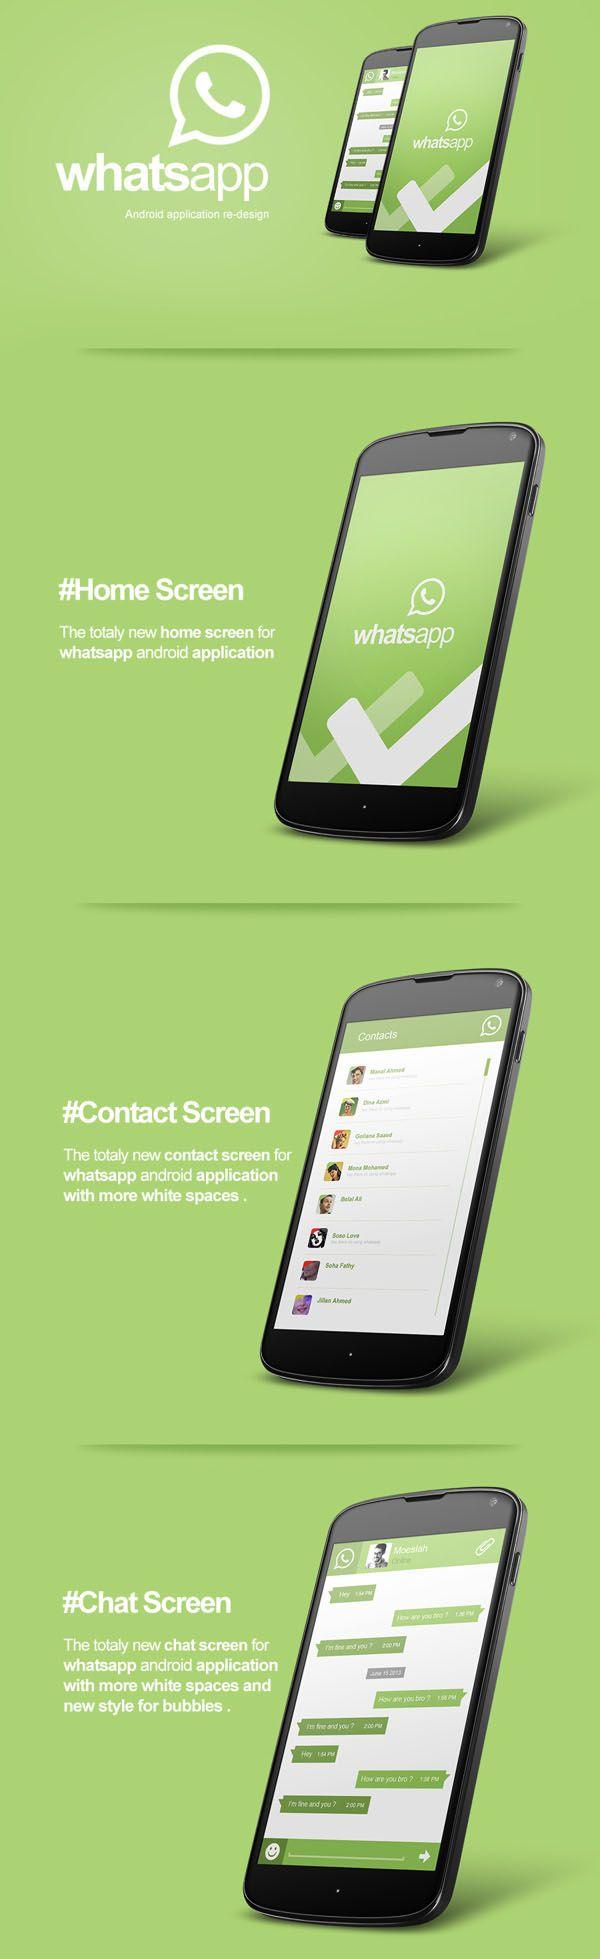 Mobile UI Design Inspiration #2